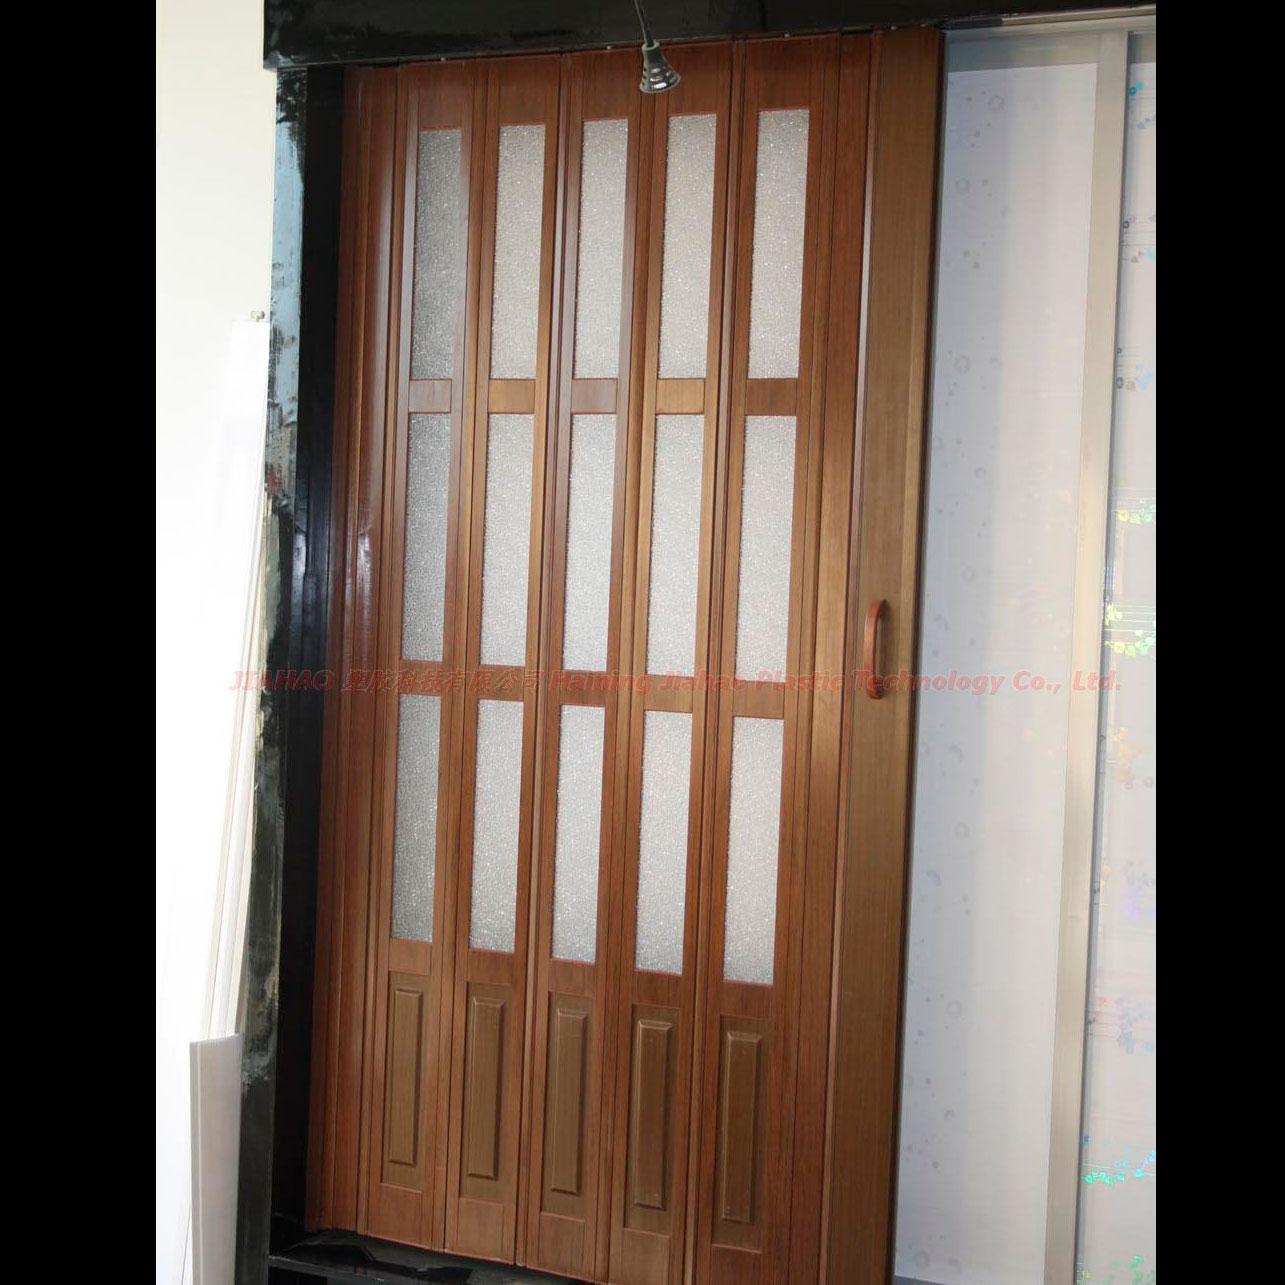 Puerta Plegable De Pvc Decorativa A La Medida Cortinashd